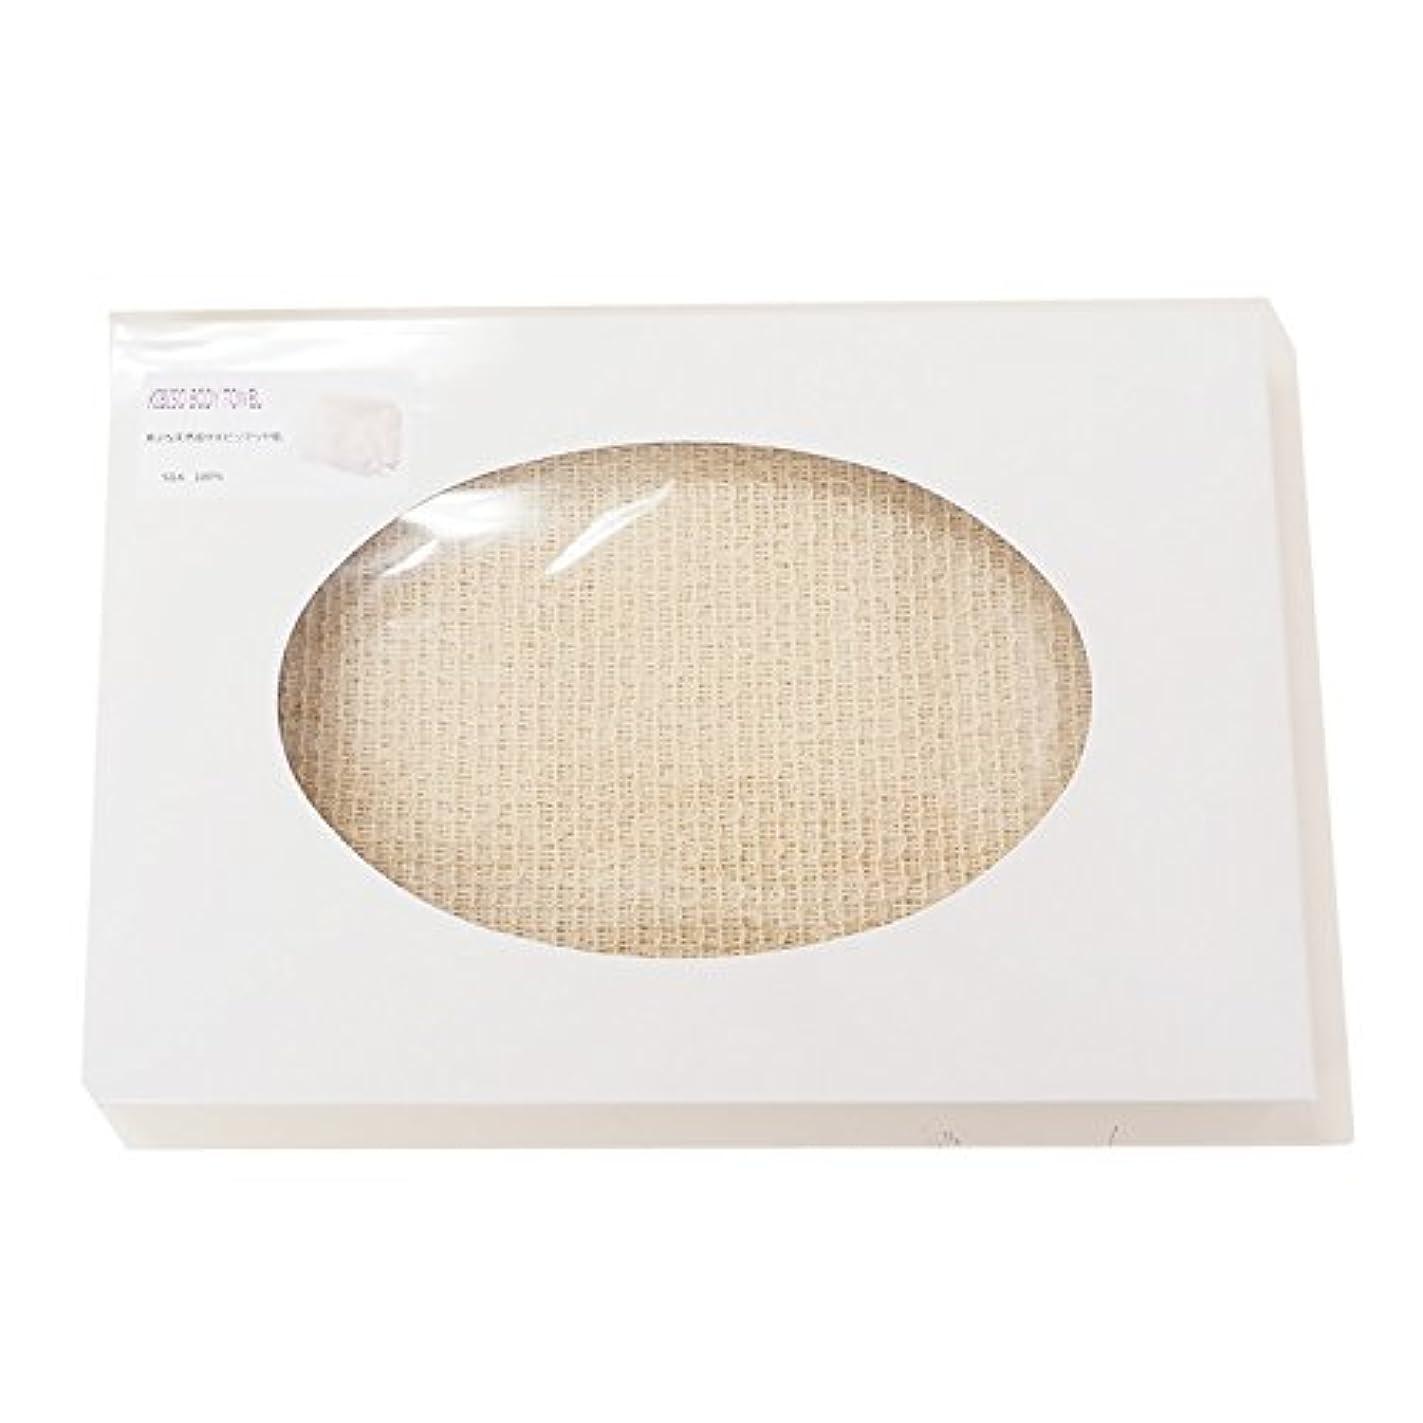 下チョコレート敵対的キビソ(KIBISO)ボディタオル 24×90cm シルク100% 日本製 保湿成分 セシリン キビソ糸